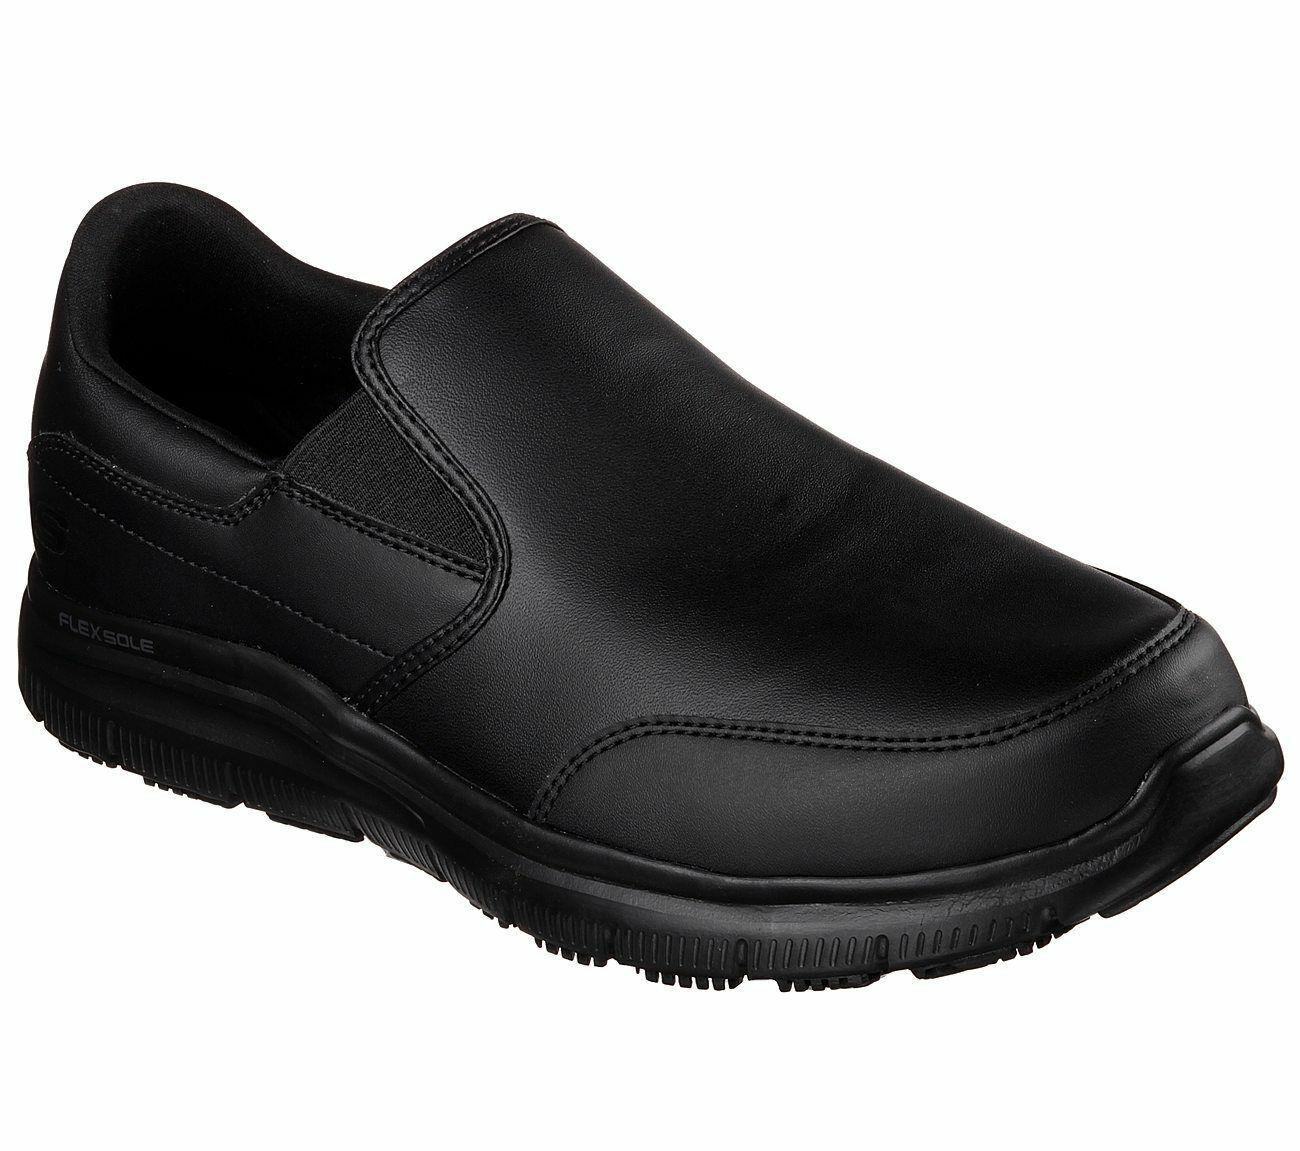 Skechers Flex Advantage SR-bronbois Homme Noir 77071 BLK Coupe Décontractée Chaussures